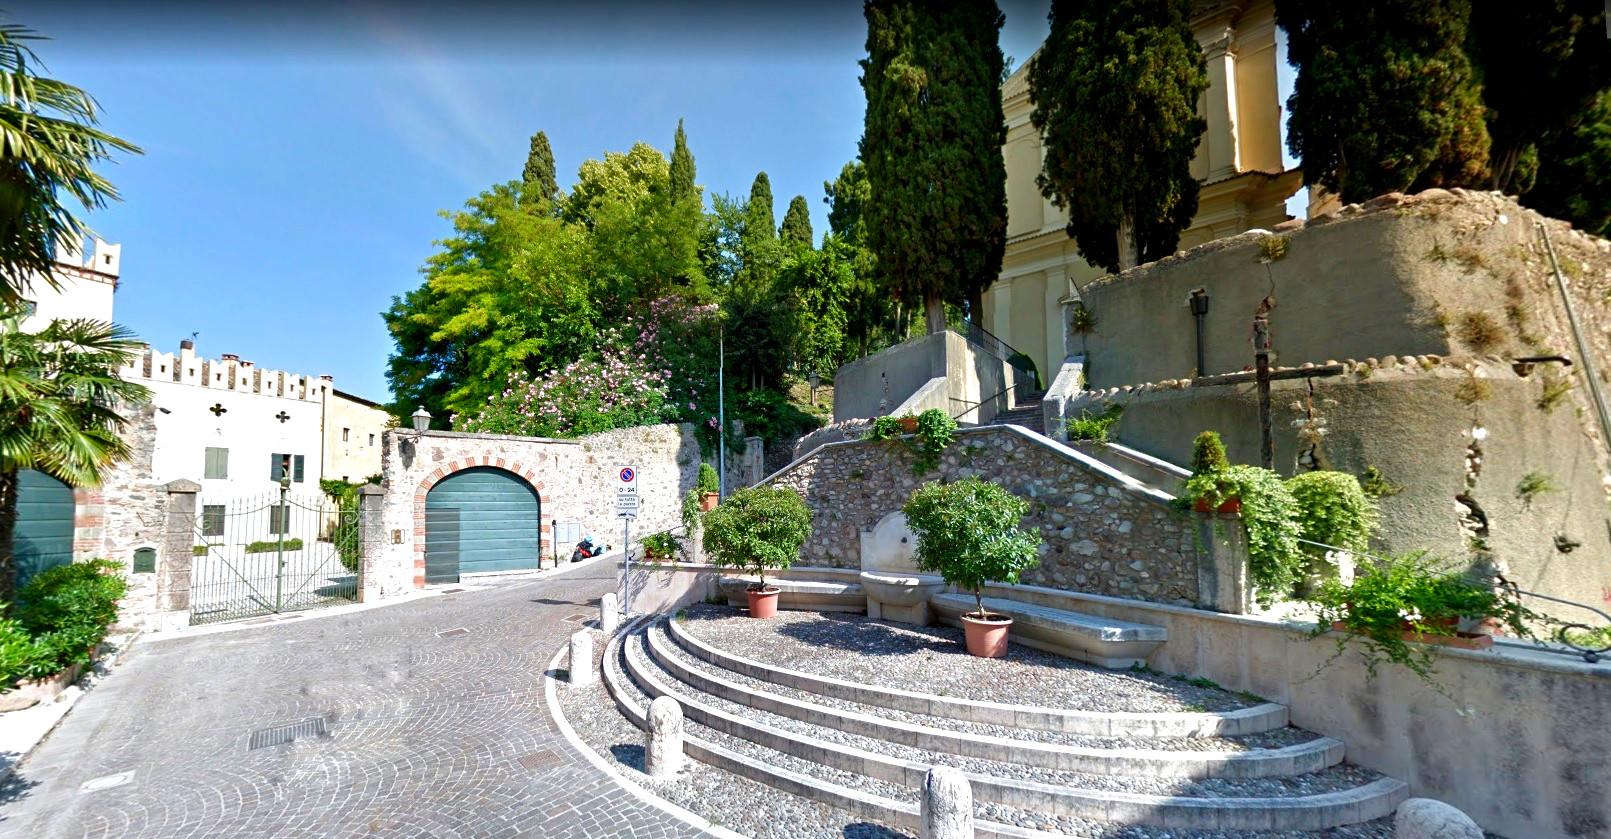 Colà - Piazzale della chiesa